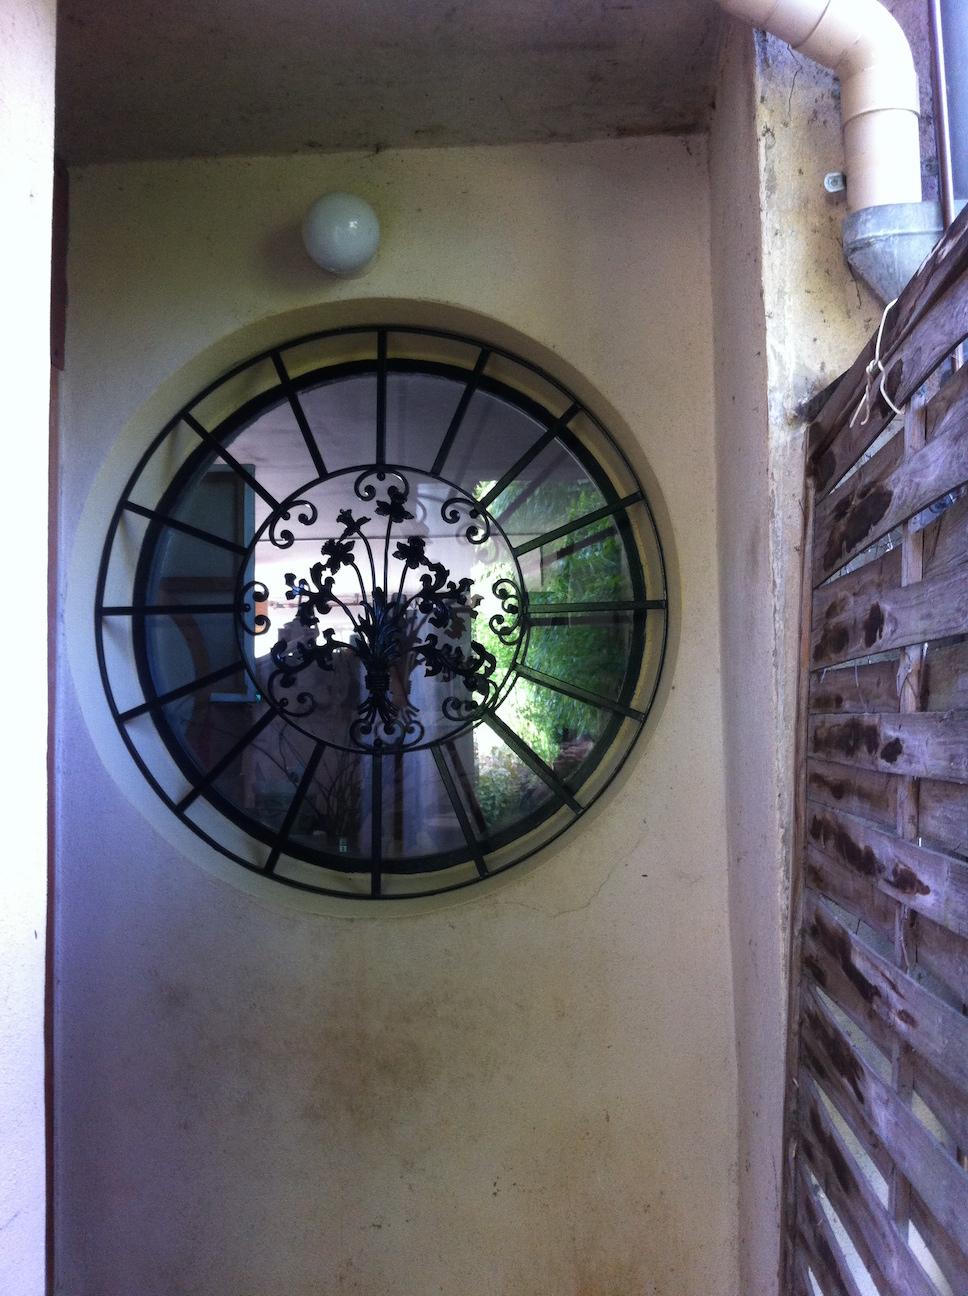 Conception et fabrication complete par notre client d'une grille type oeil de boeuf en fer forgé -  Réalisation a  partir de notre gamme de pieces detachees.